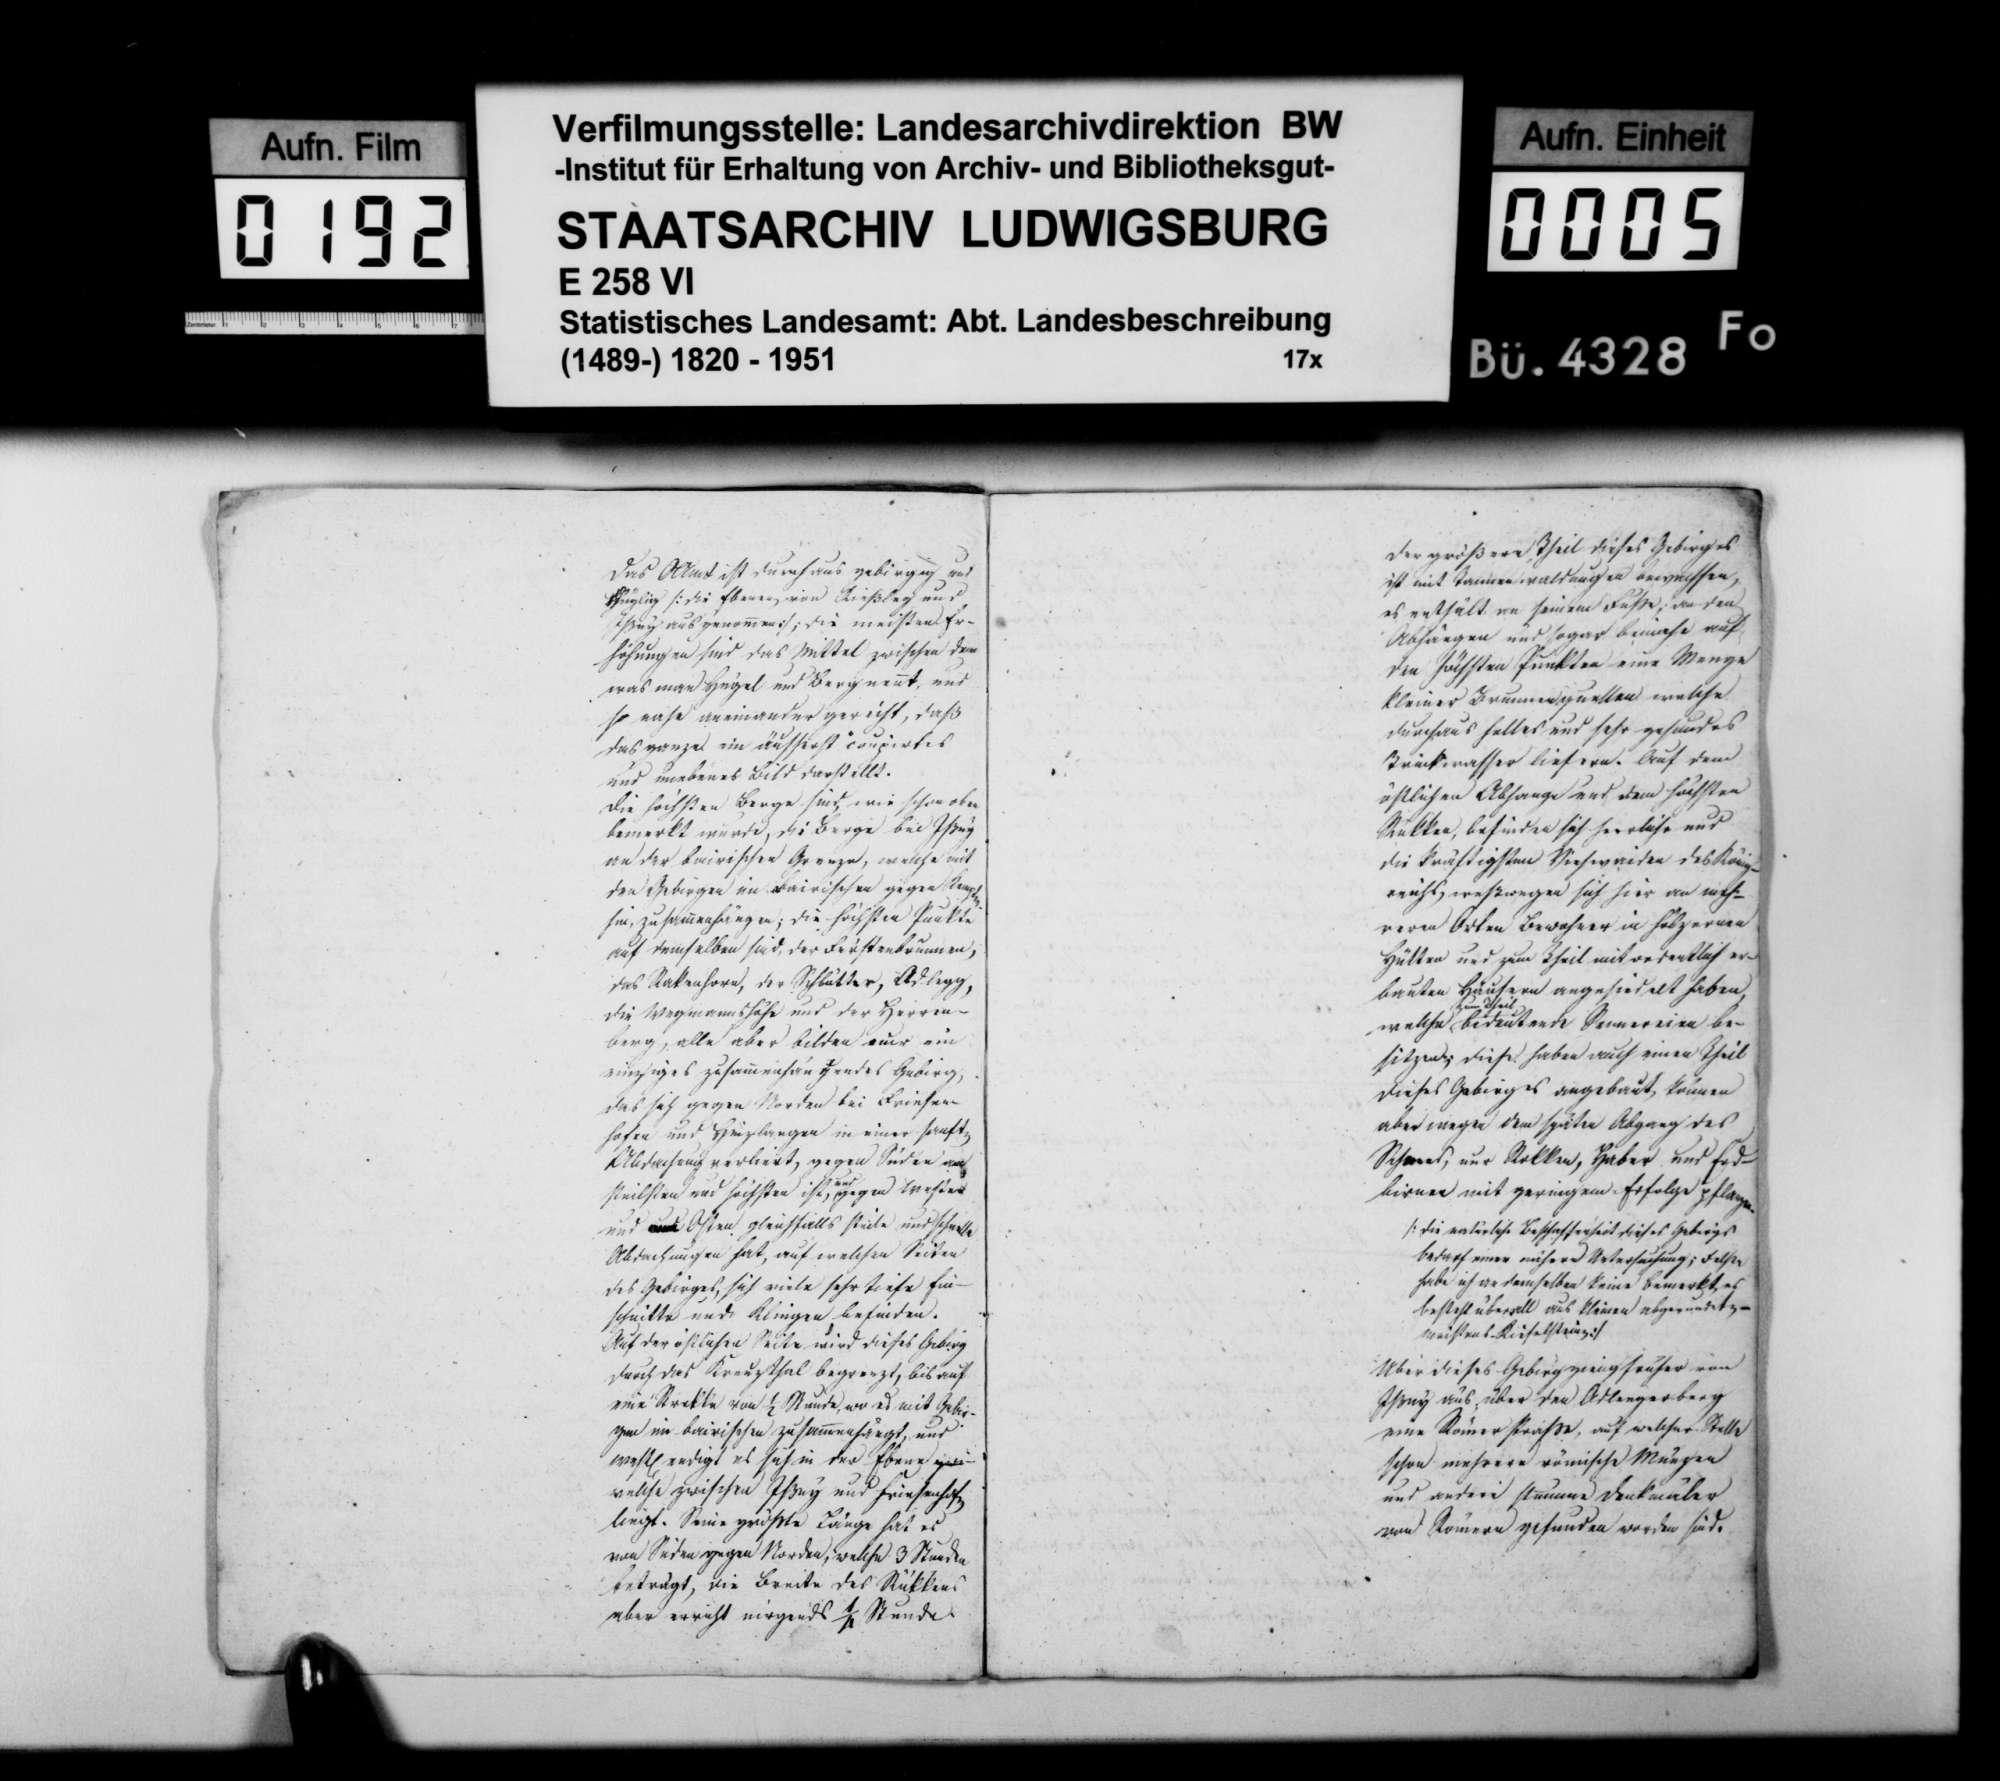 Beiträge des Obergeometers [Friedrich?] Pross zur Beschreibung des Oberamts, Bild 3